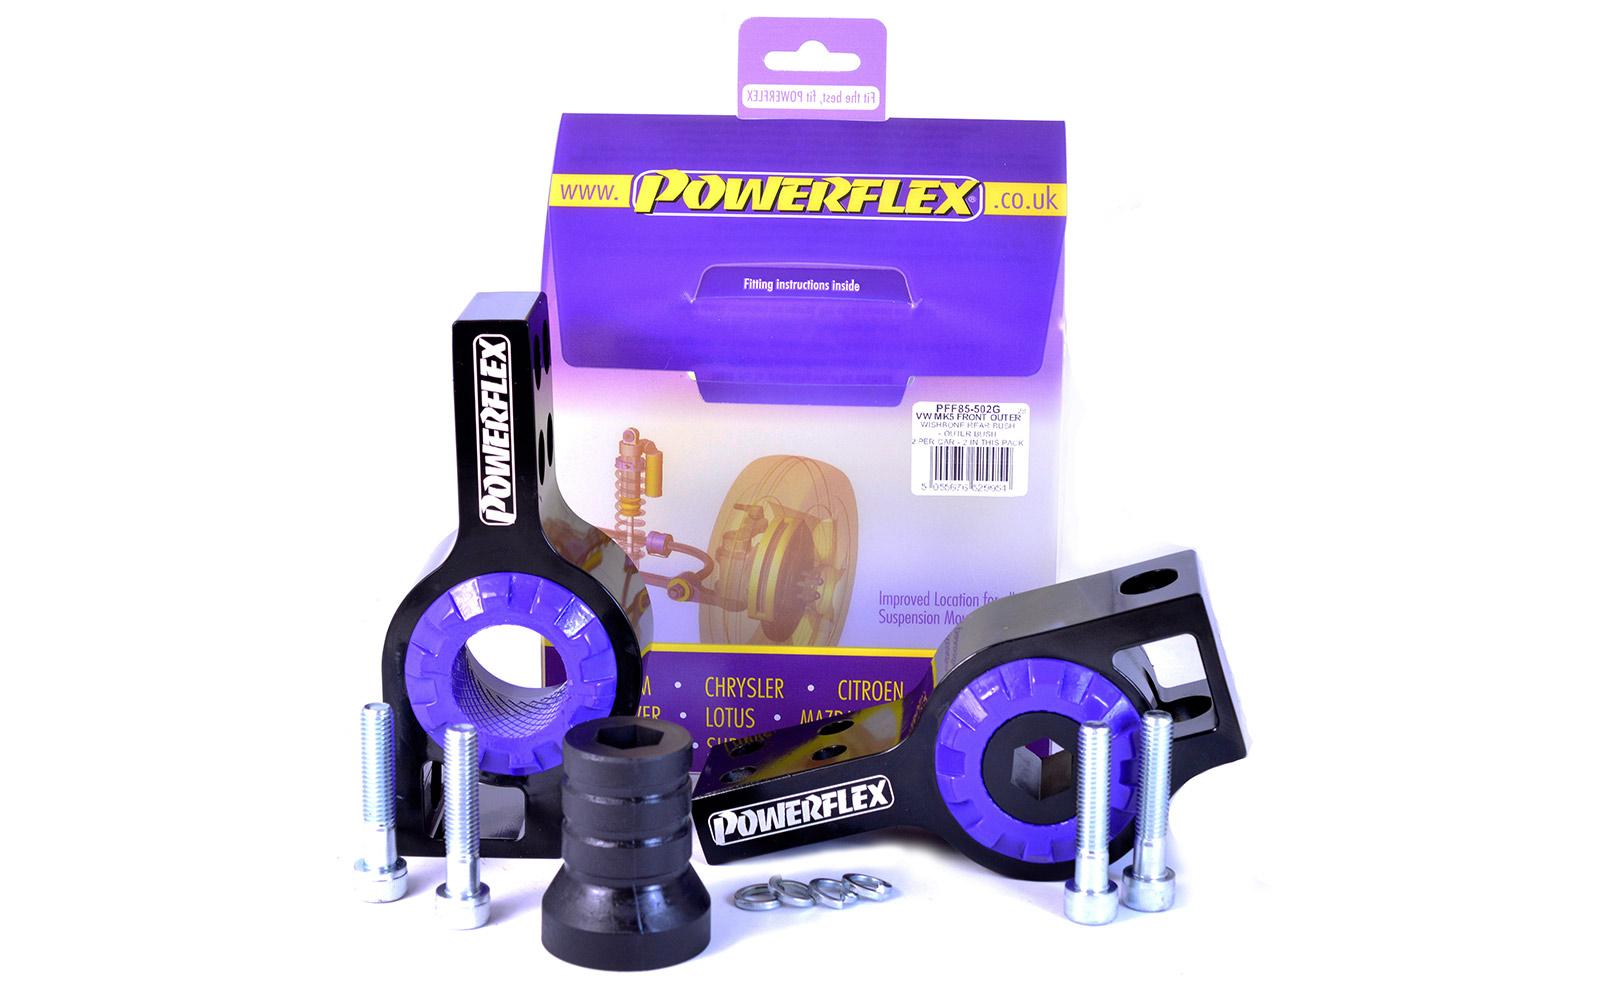 powerflex-2